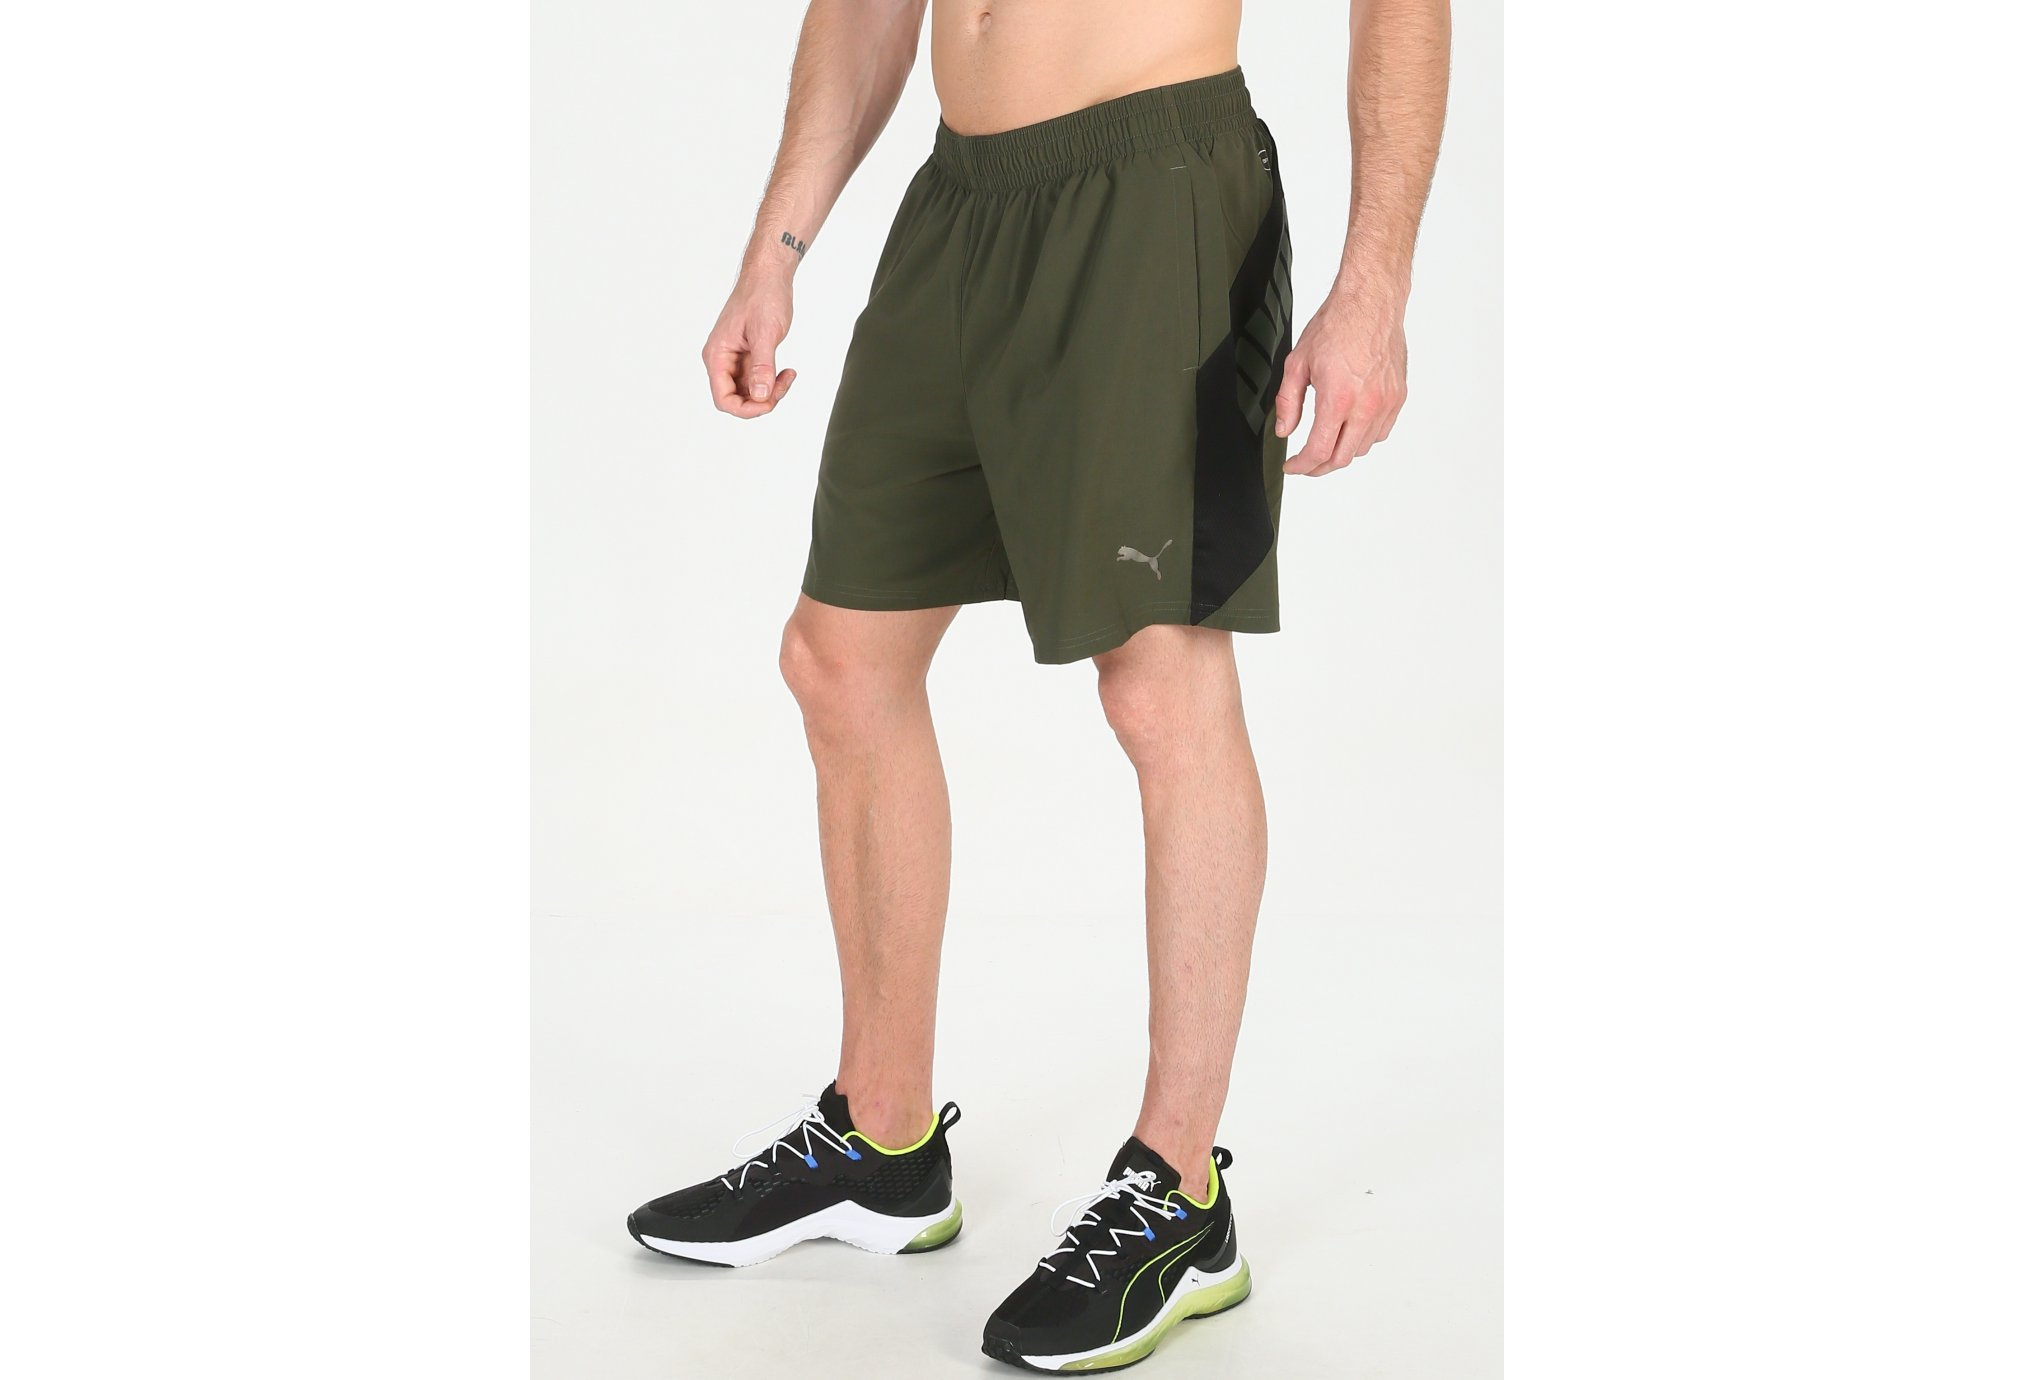 Puma ACE Woven M vêtement running homme